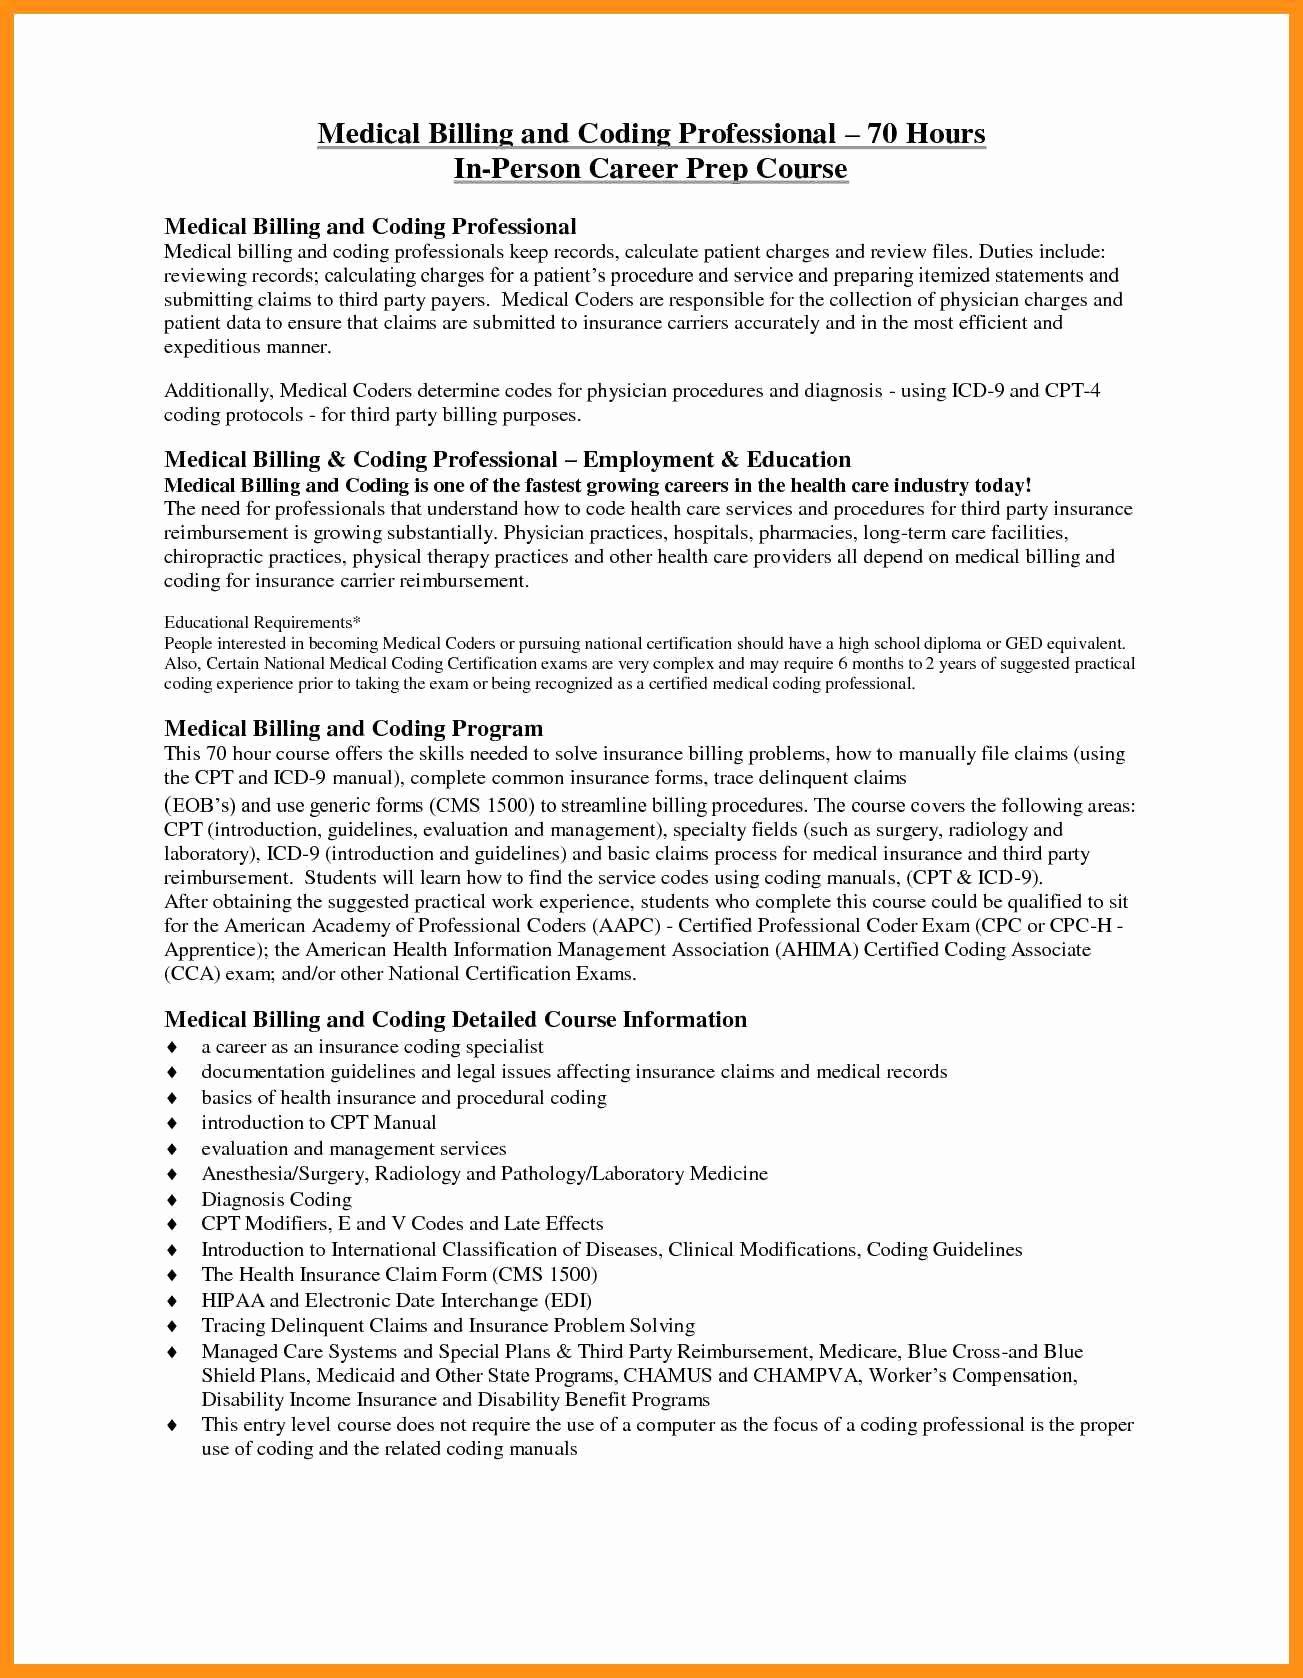 Medical Coder Resume Objective